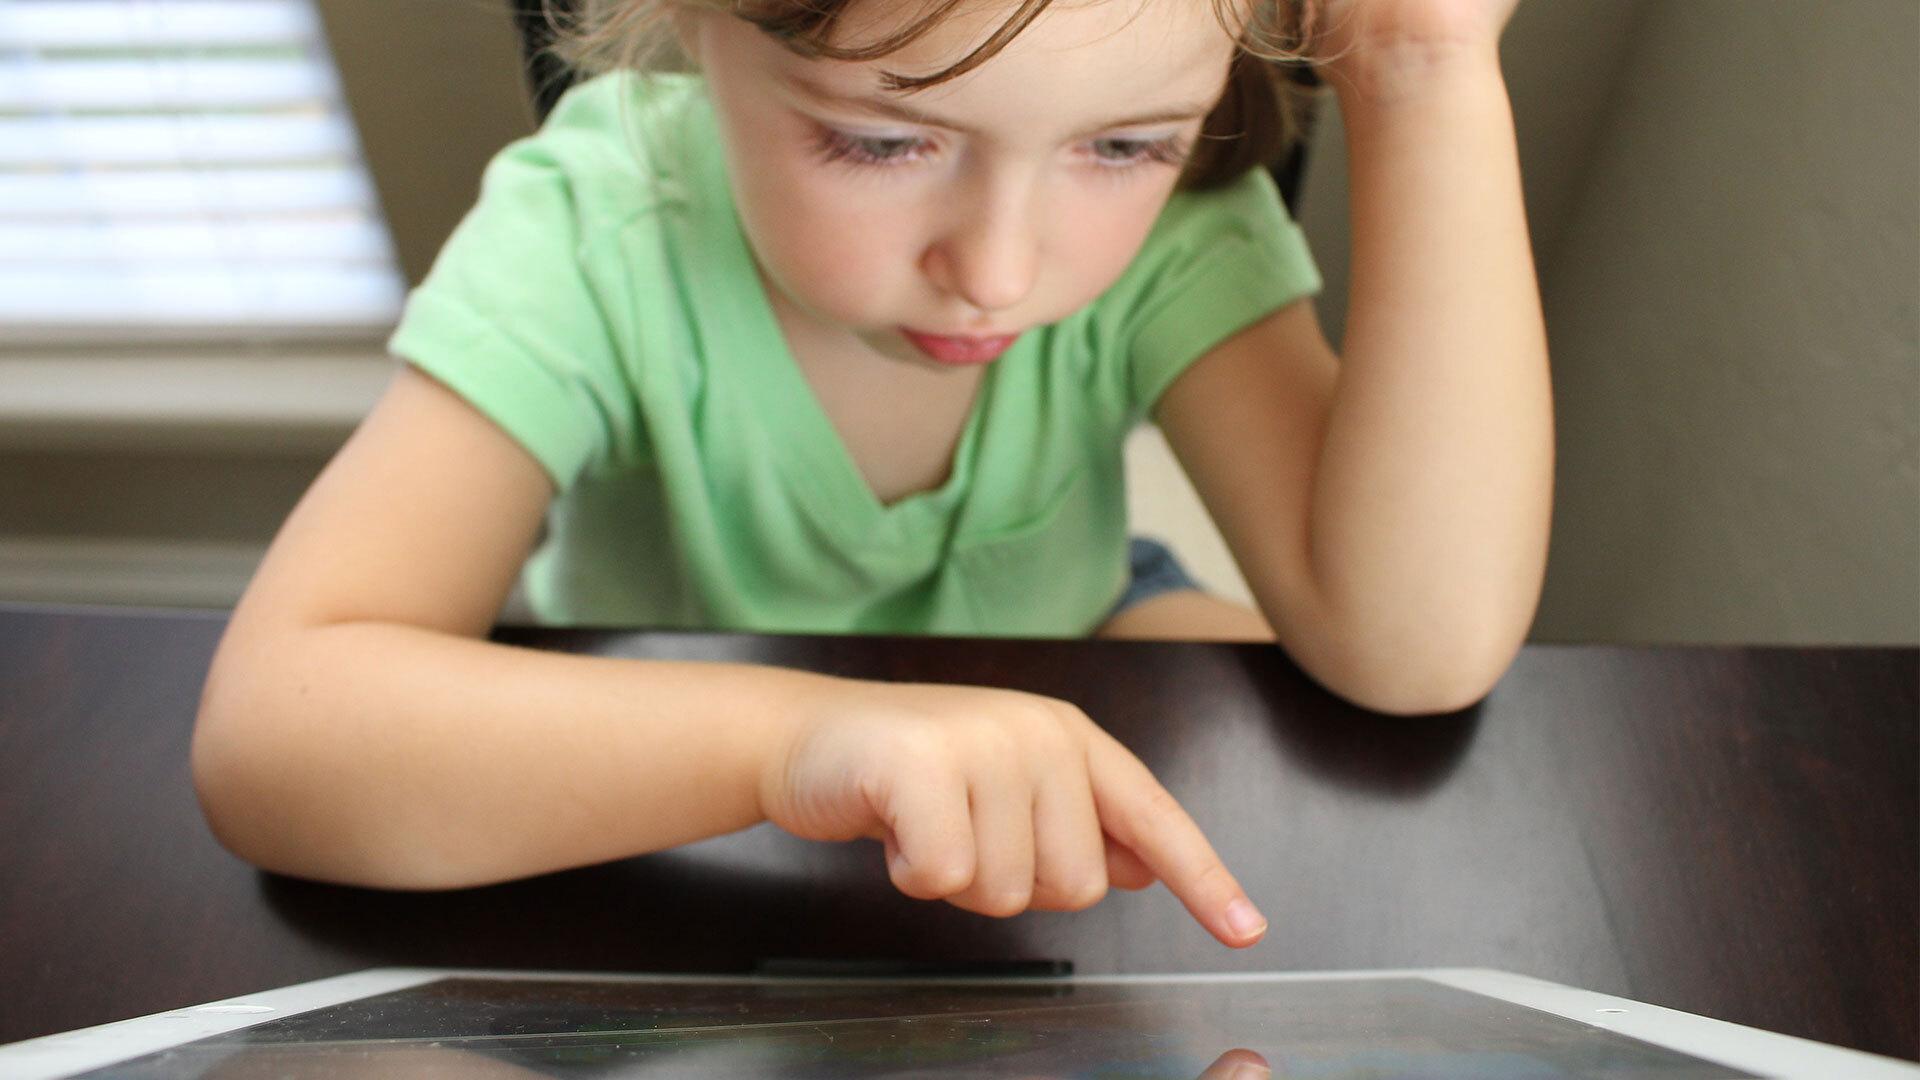 Escola online de verão de língua russa para crianças bilingues